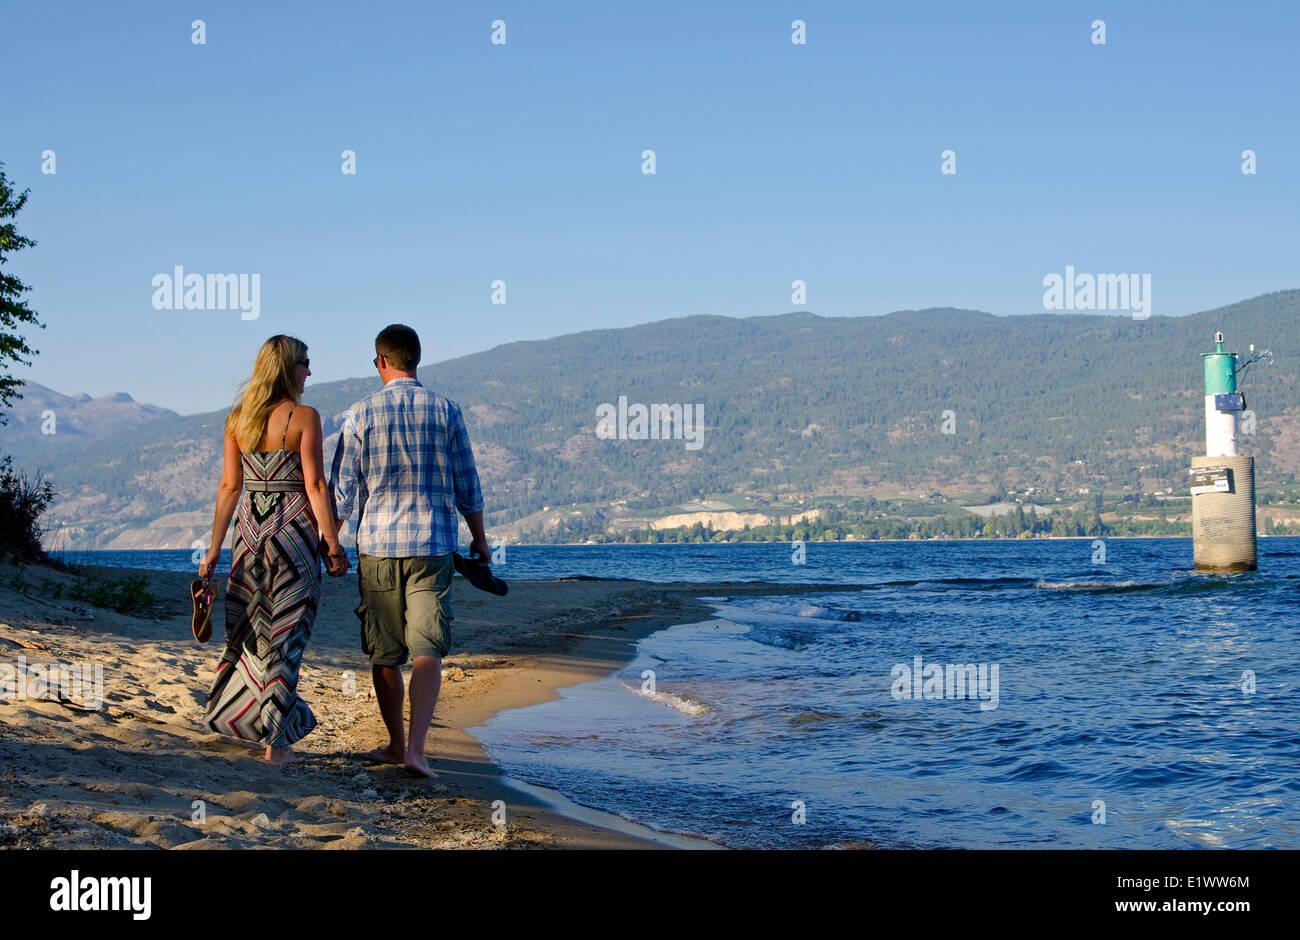 Powell Beach, Summerland, British Columbia, Canada. MR_015. - Stock Image